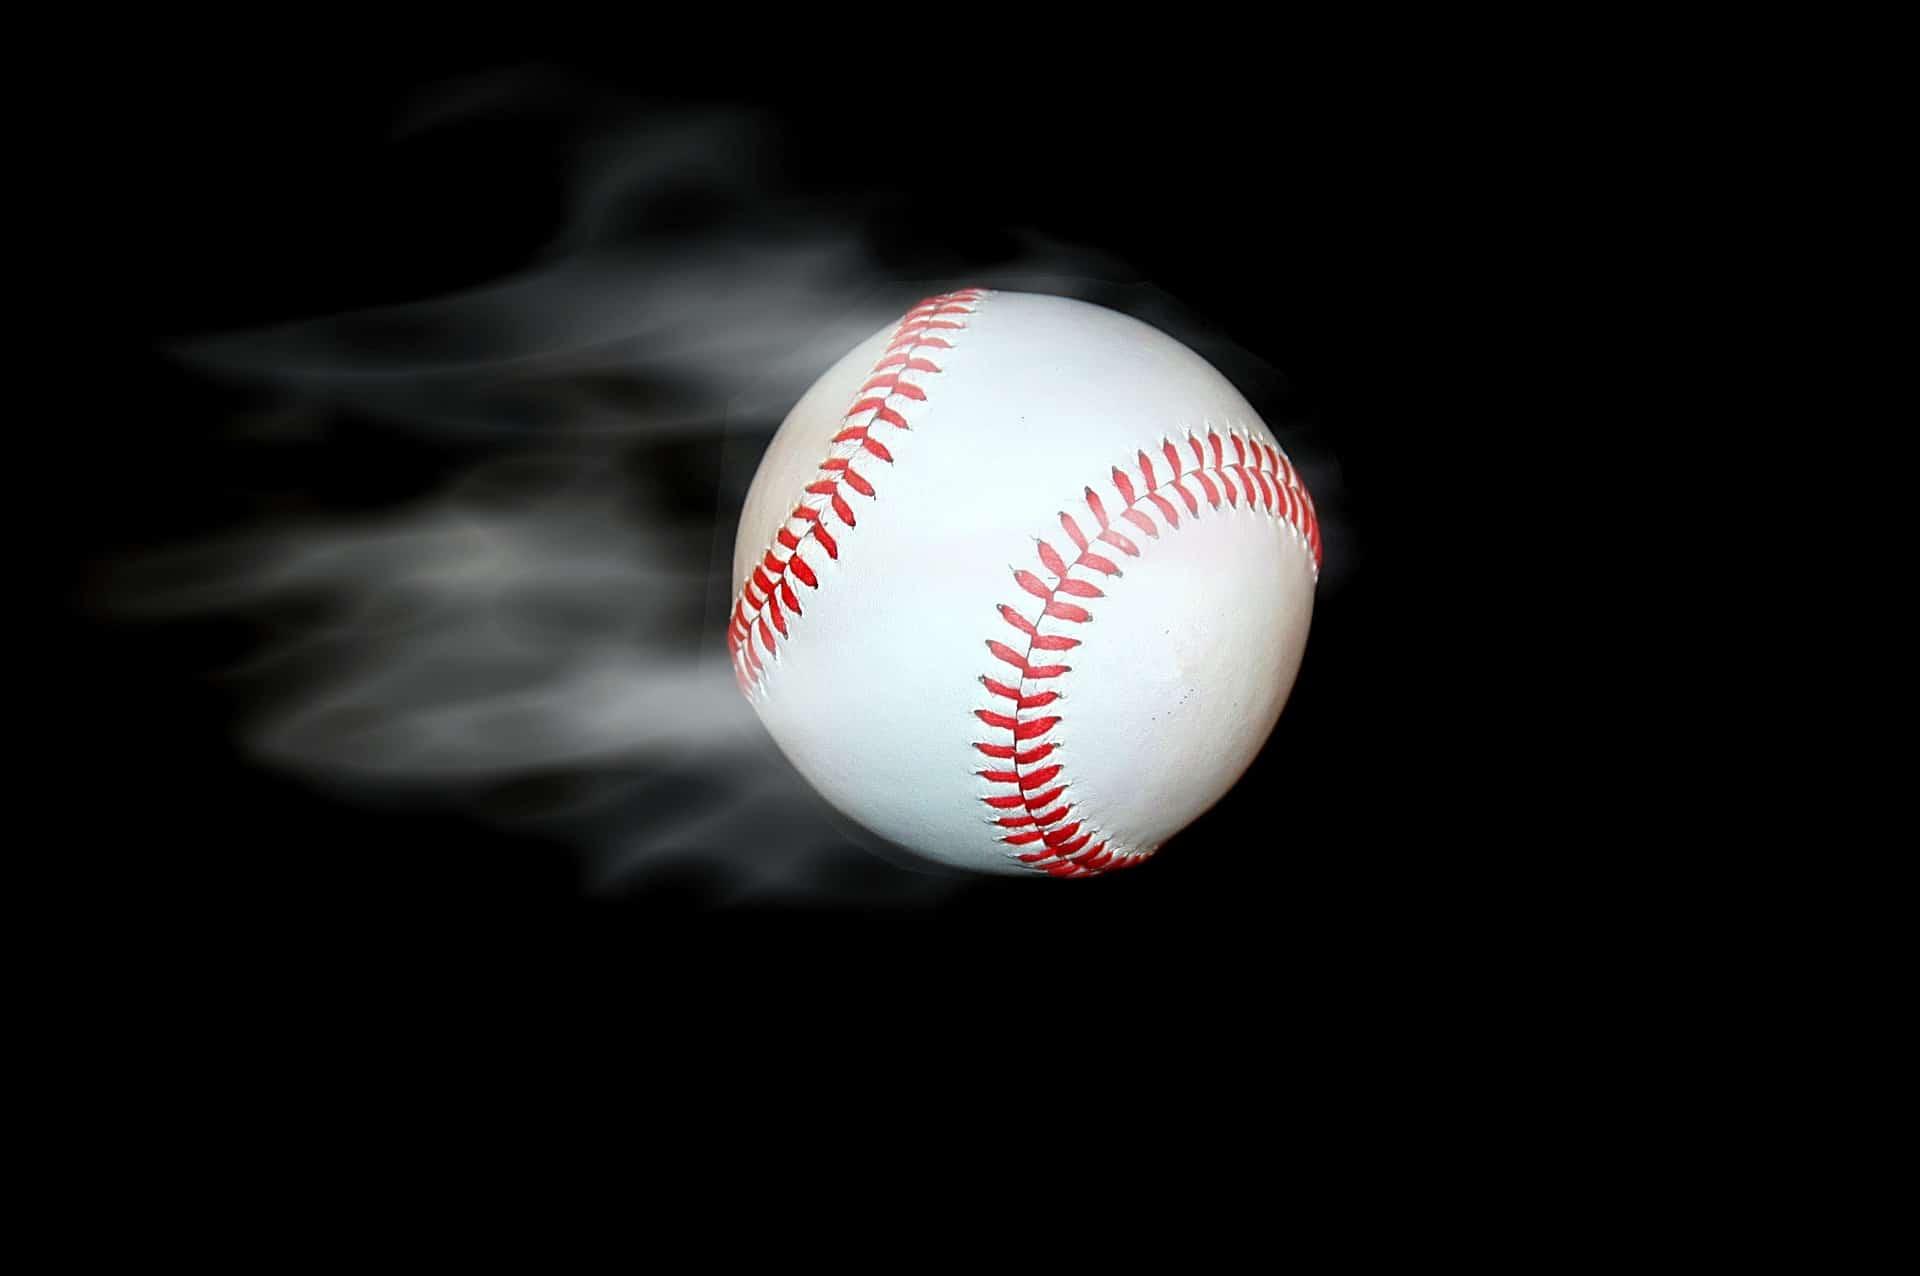 Nación Cannabis | ¿Qué dicen las ligas deportivas en Estados Unidos sobre el uso del cannabis?